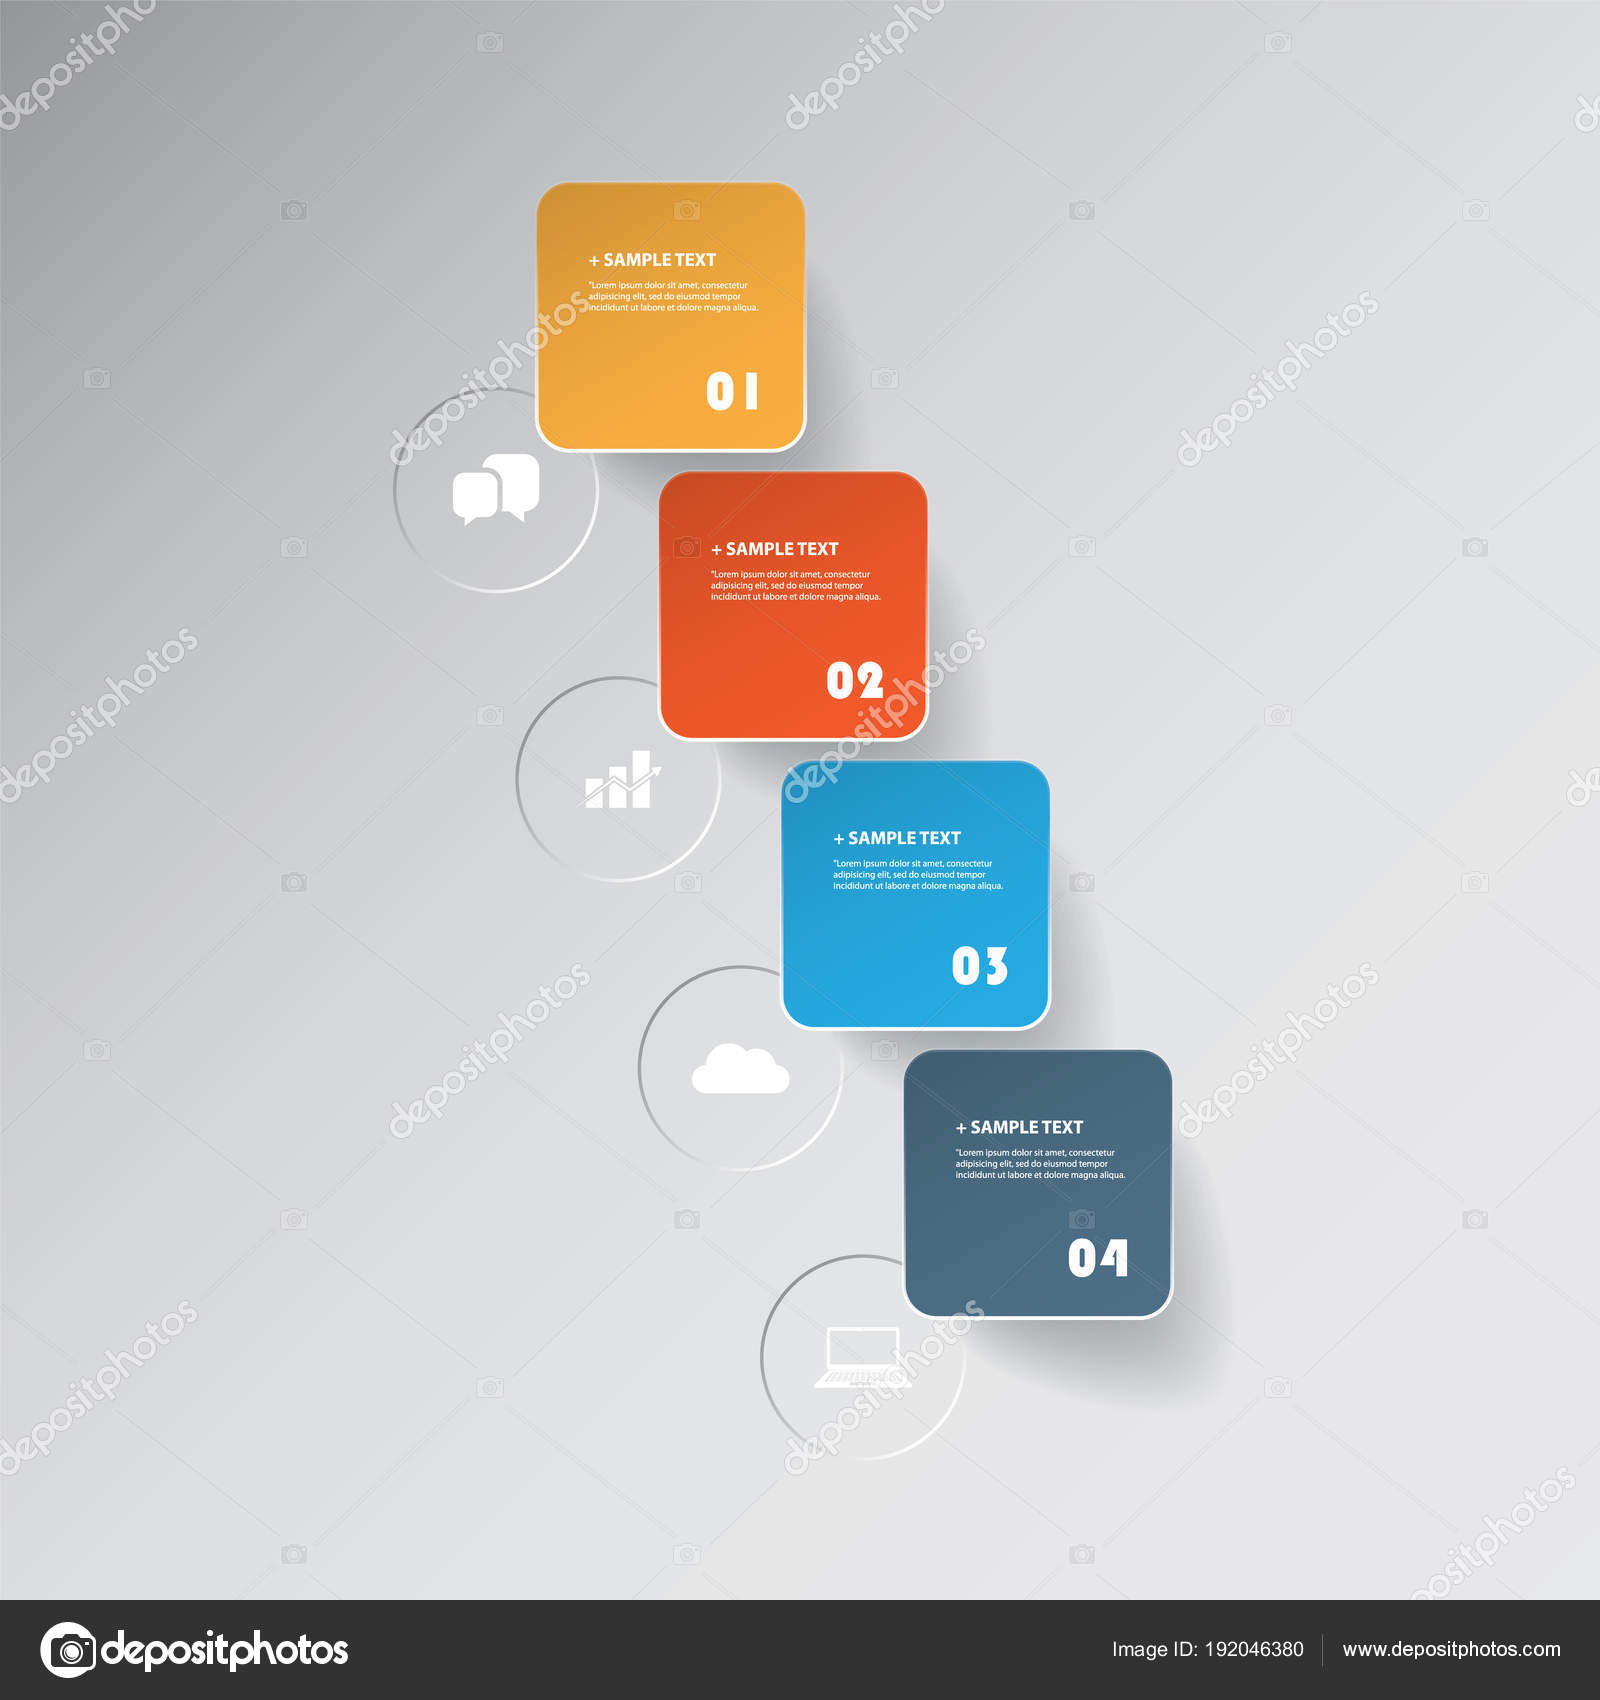 図形、ラウンド四角や丸のアイコン、カット スタイル インフォ